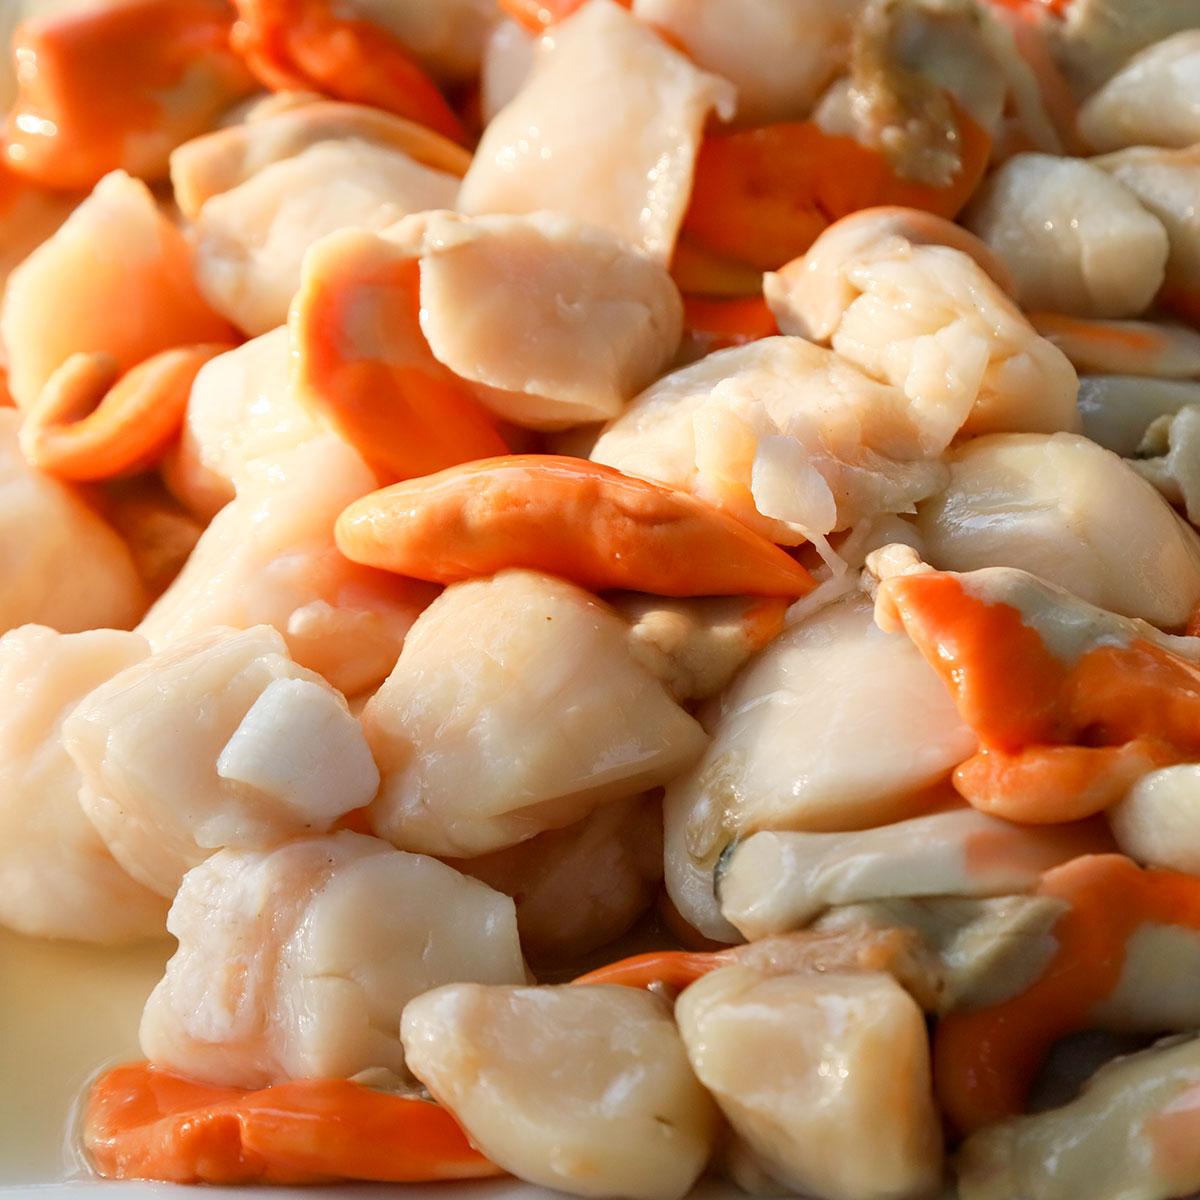 Pesce fresco | Negriricevimenti.com